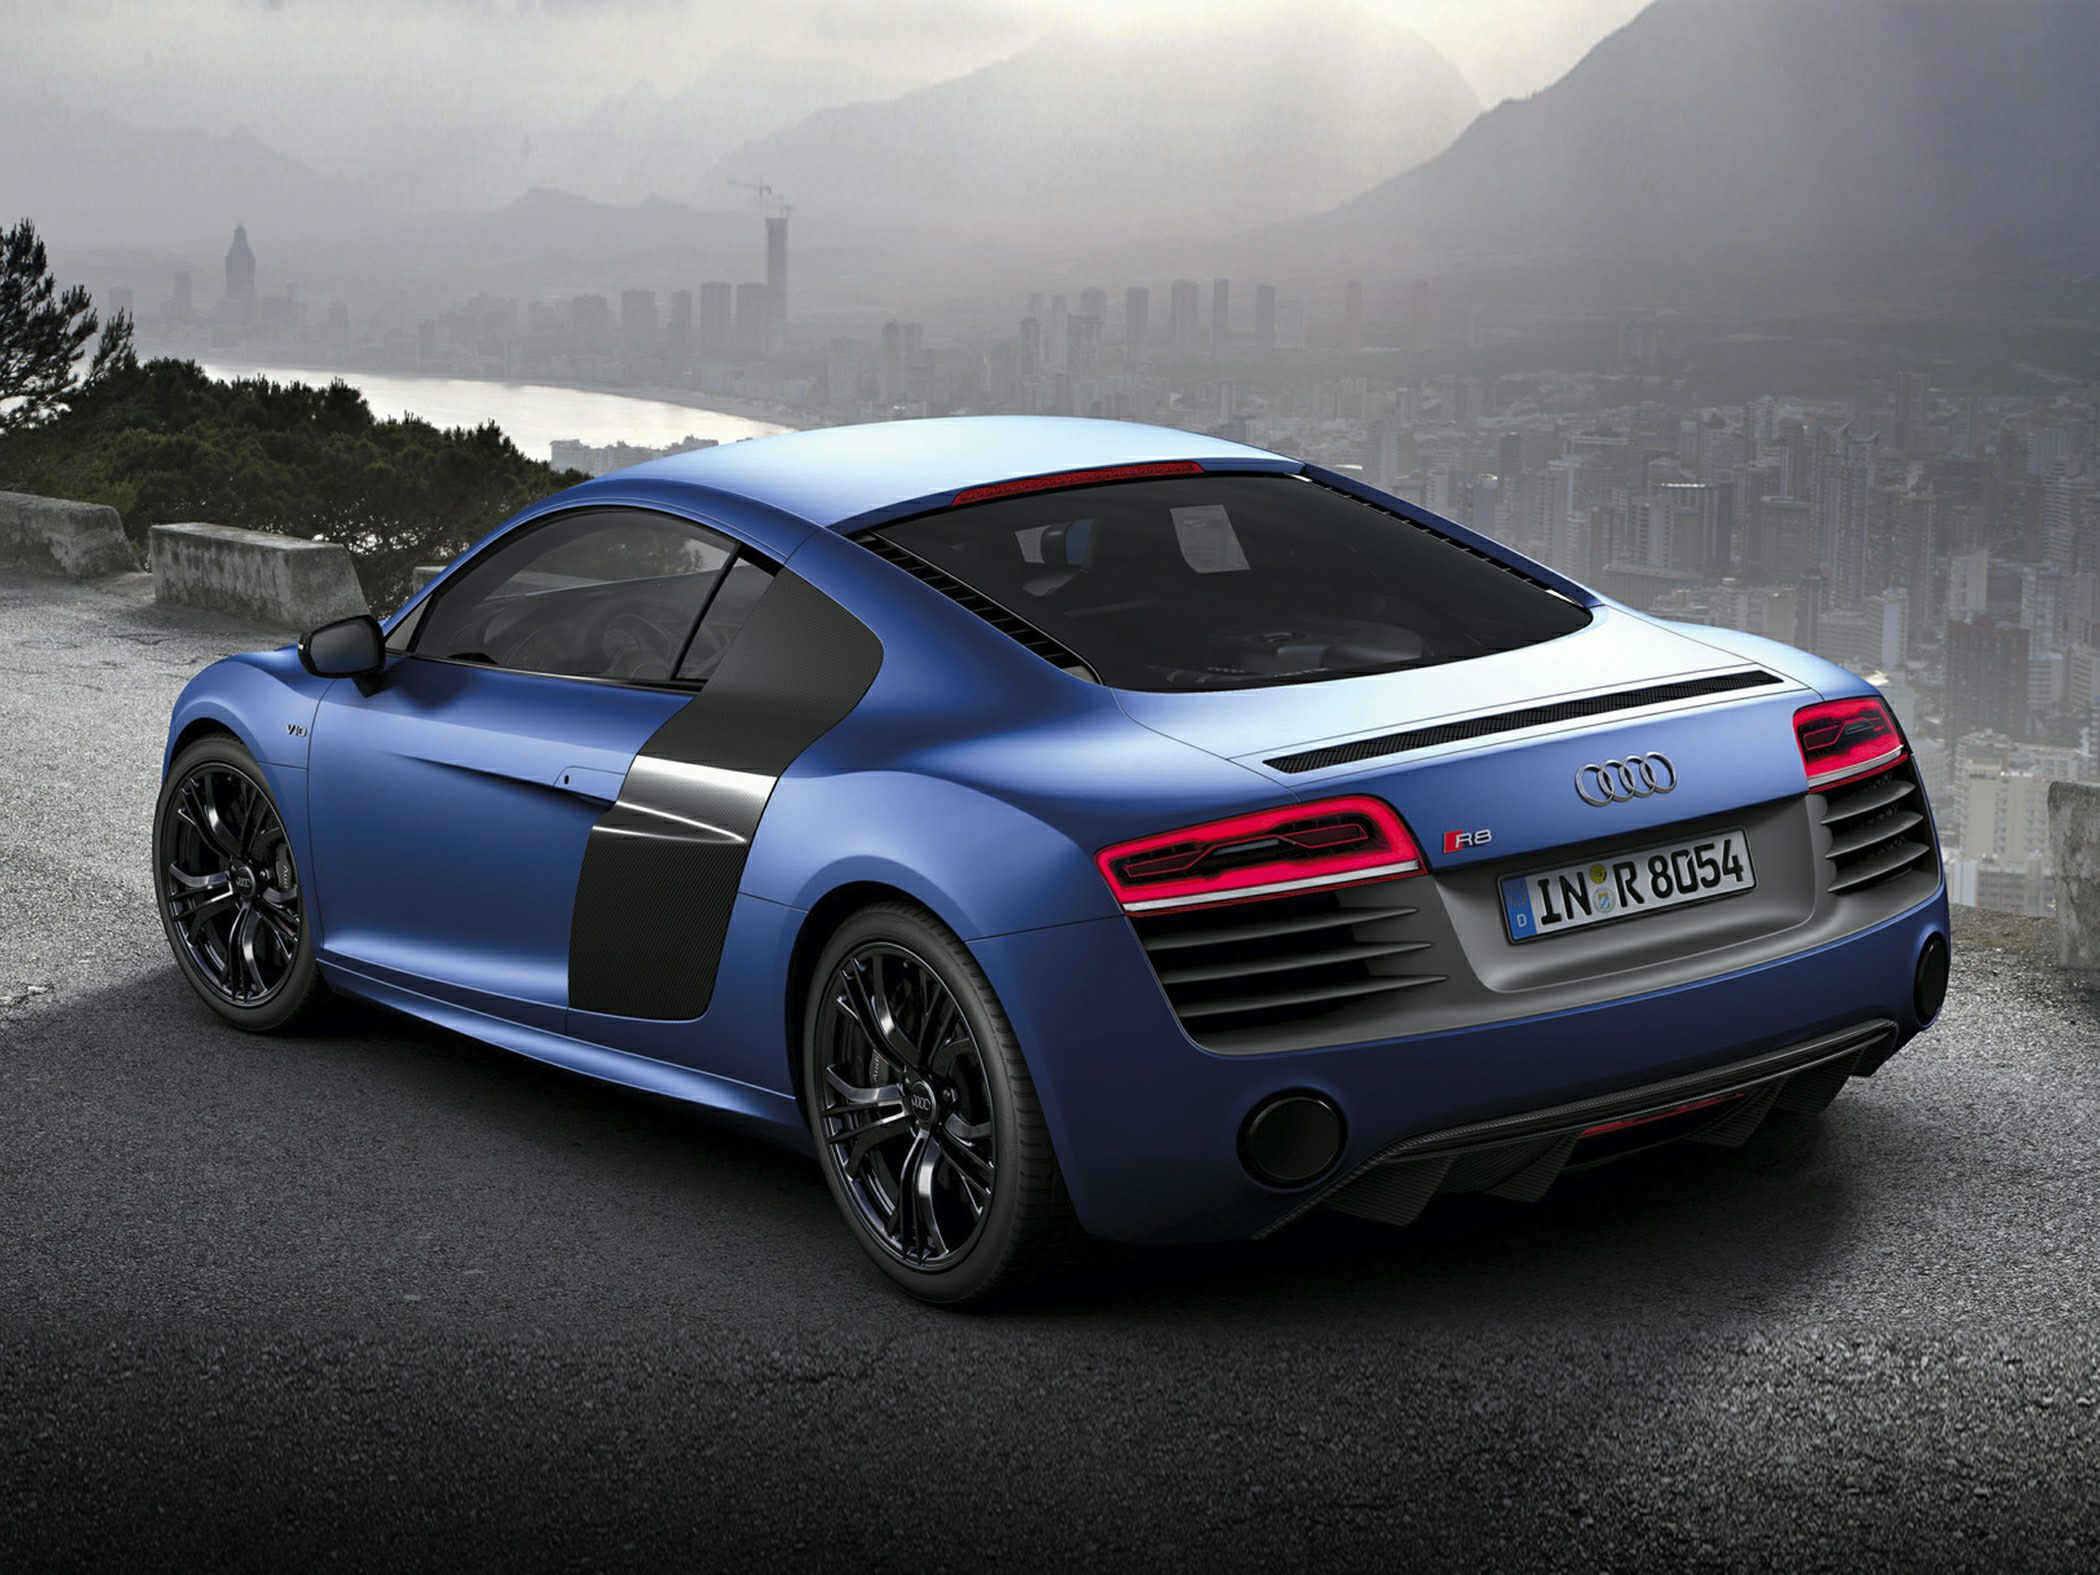 2015 Audi R8 Rear